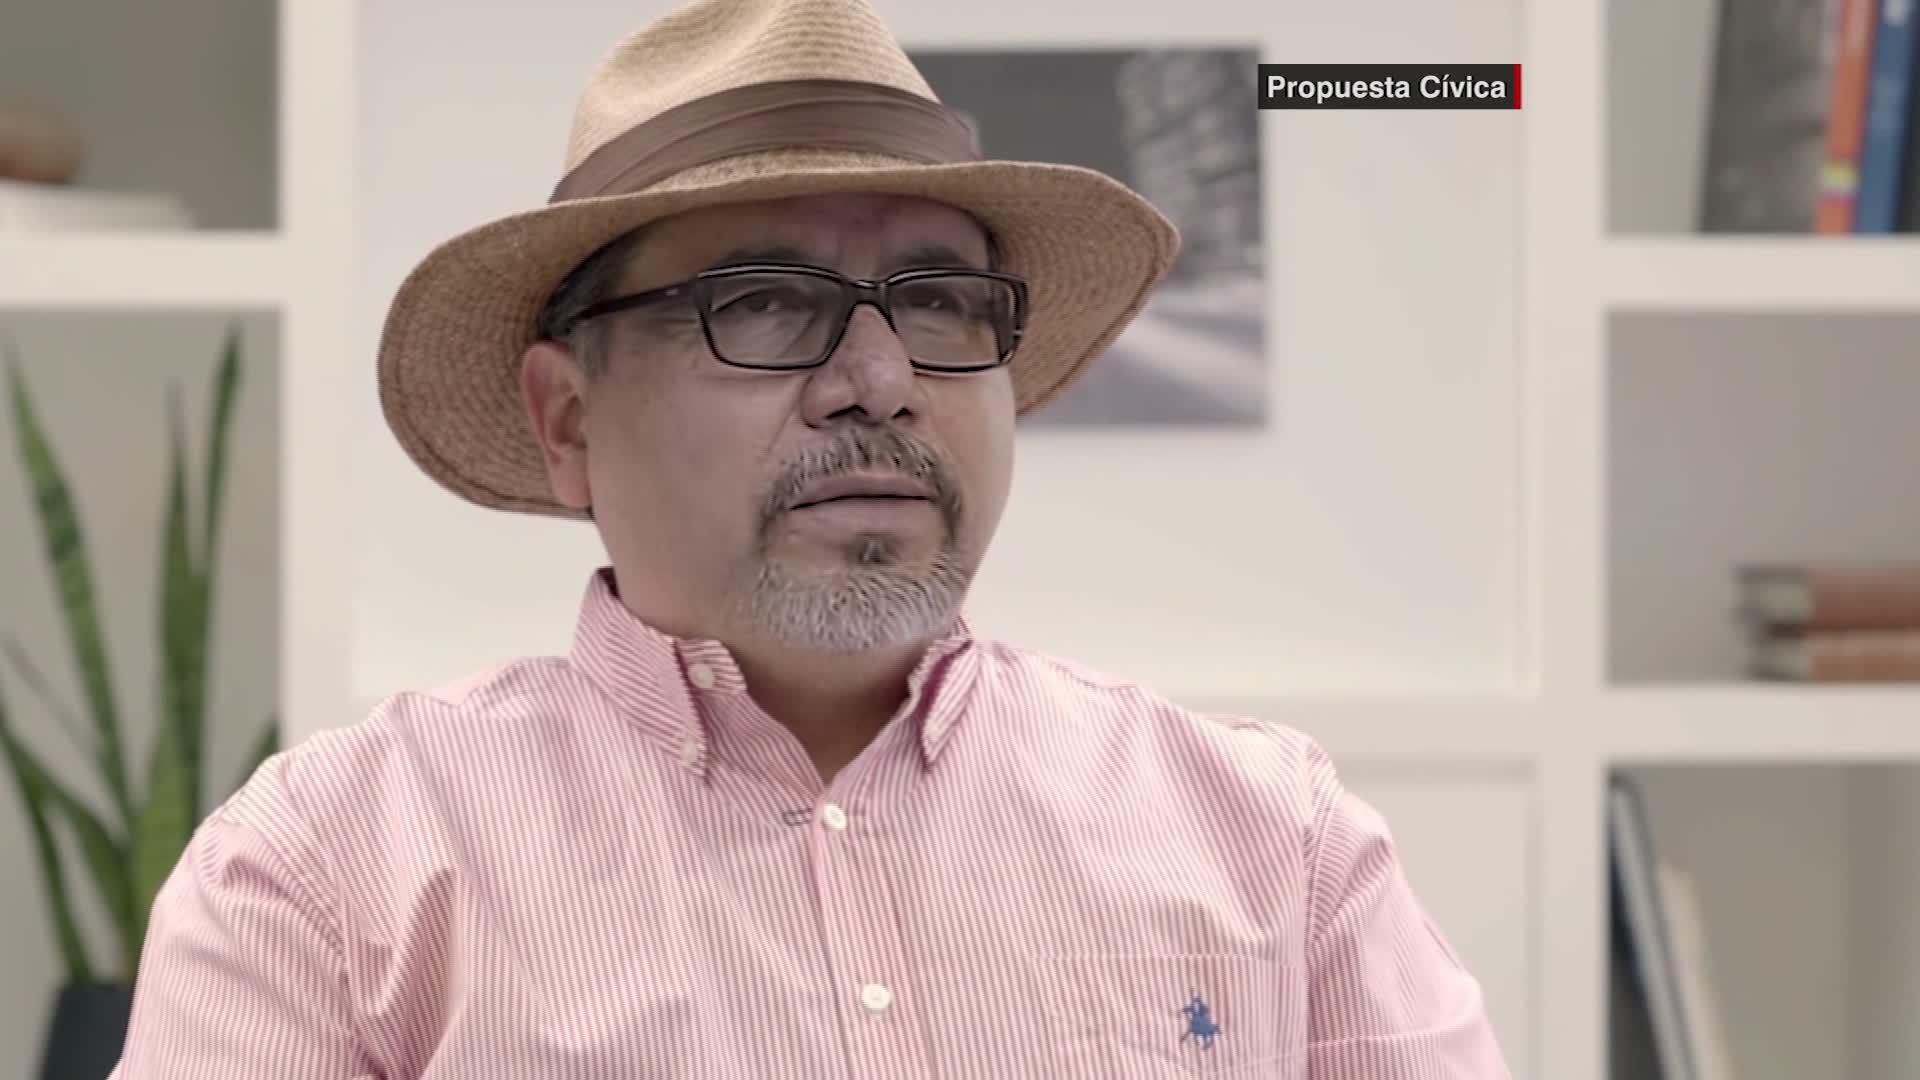 Recrean imagen del periodista asesinado Javier Valdez, que le envía un mensaje a López Obrador